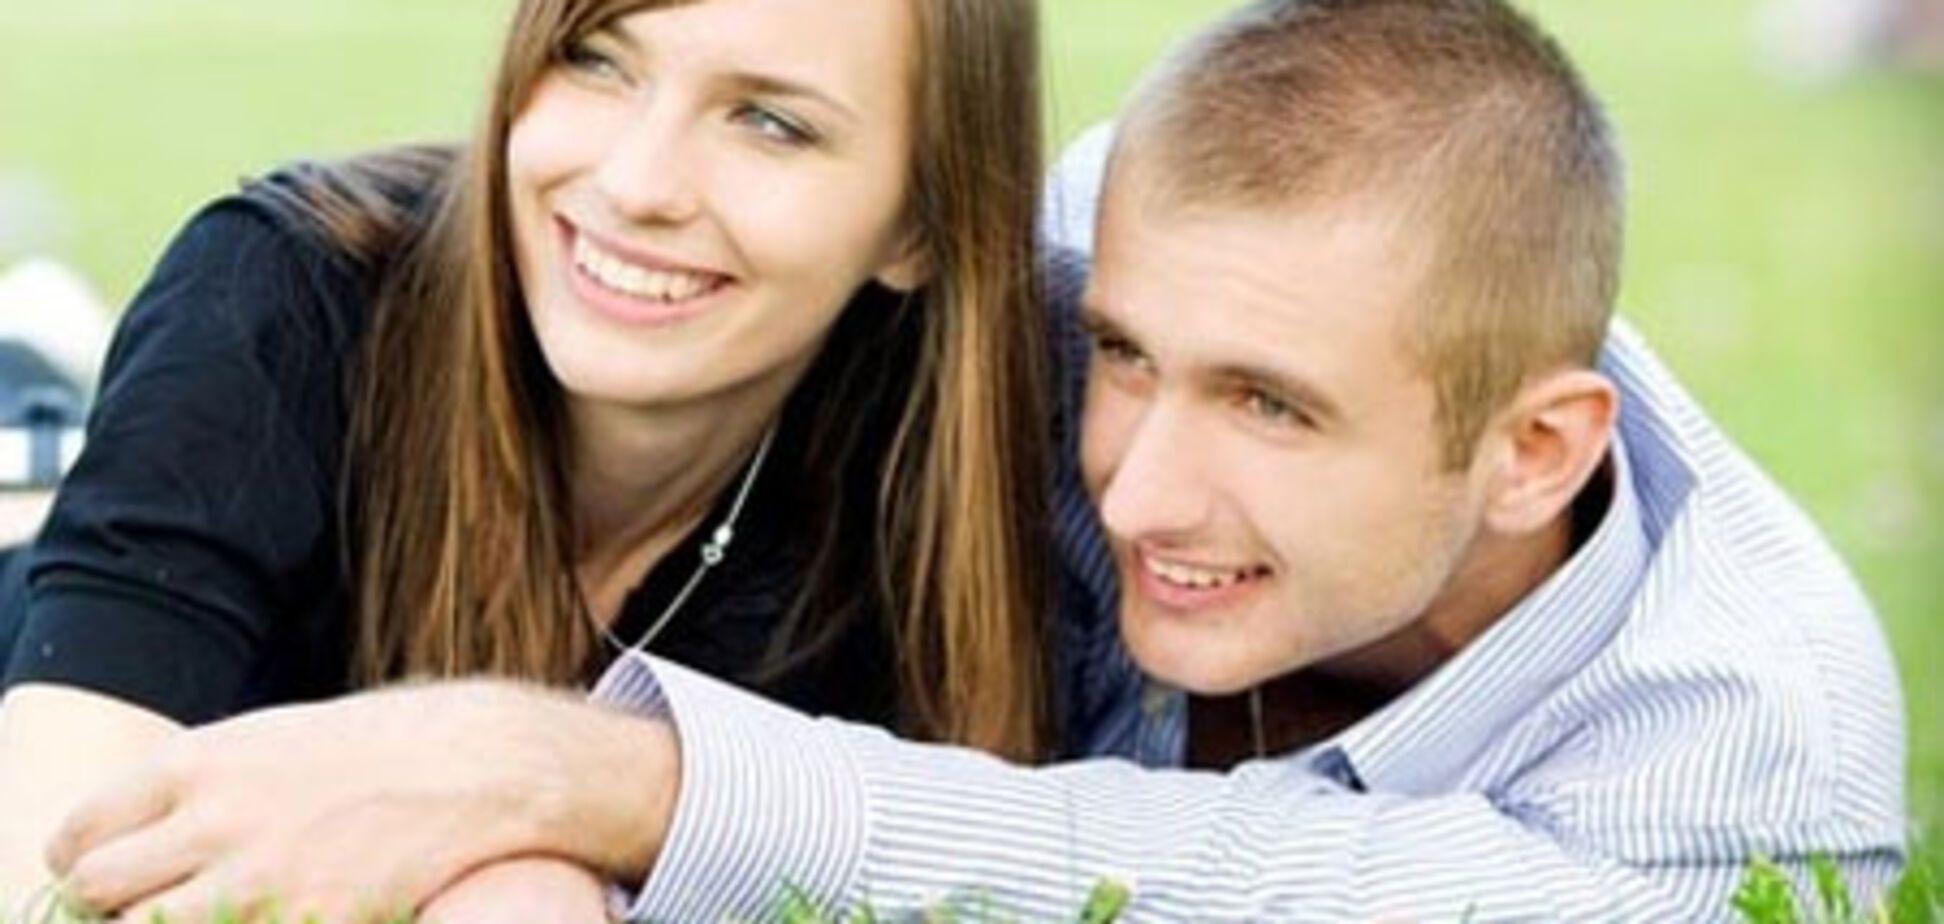 Щоб уникнути розлучення, потрібно швидше одружитися